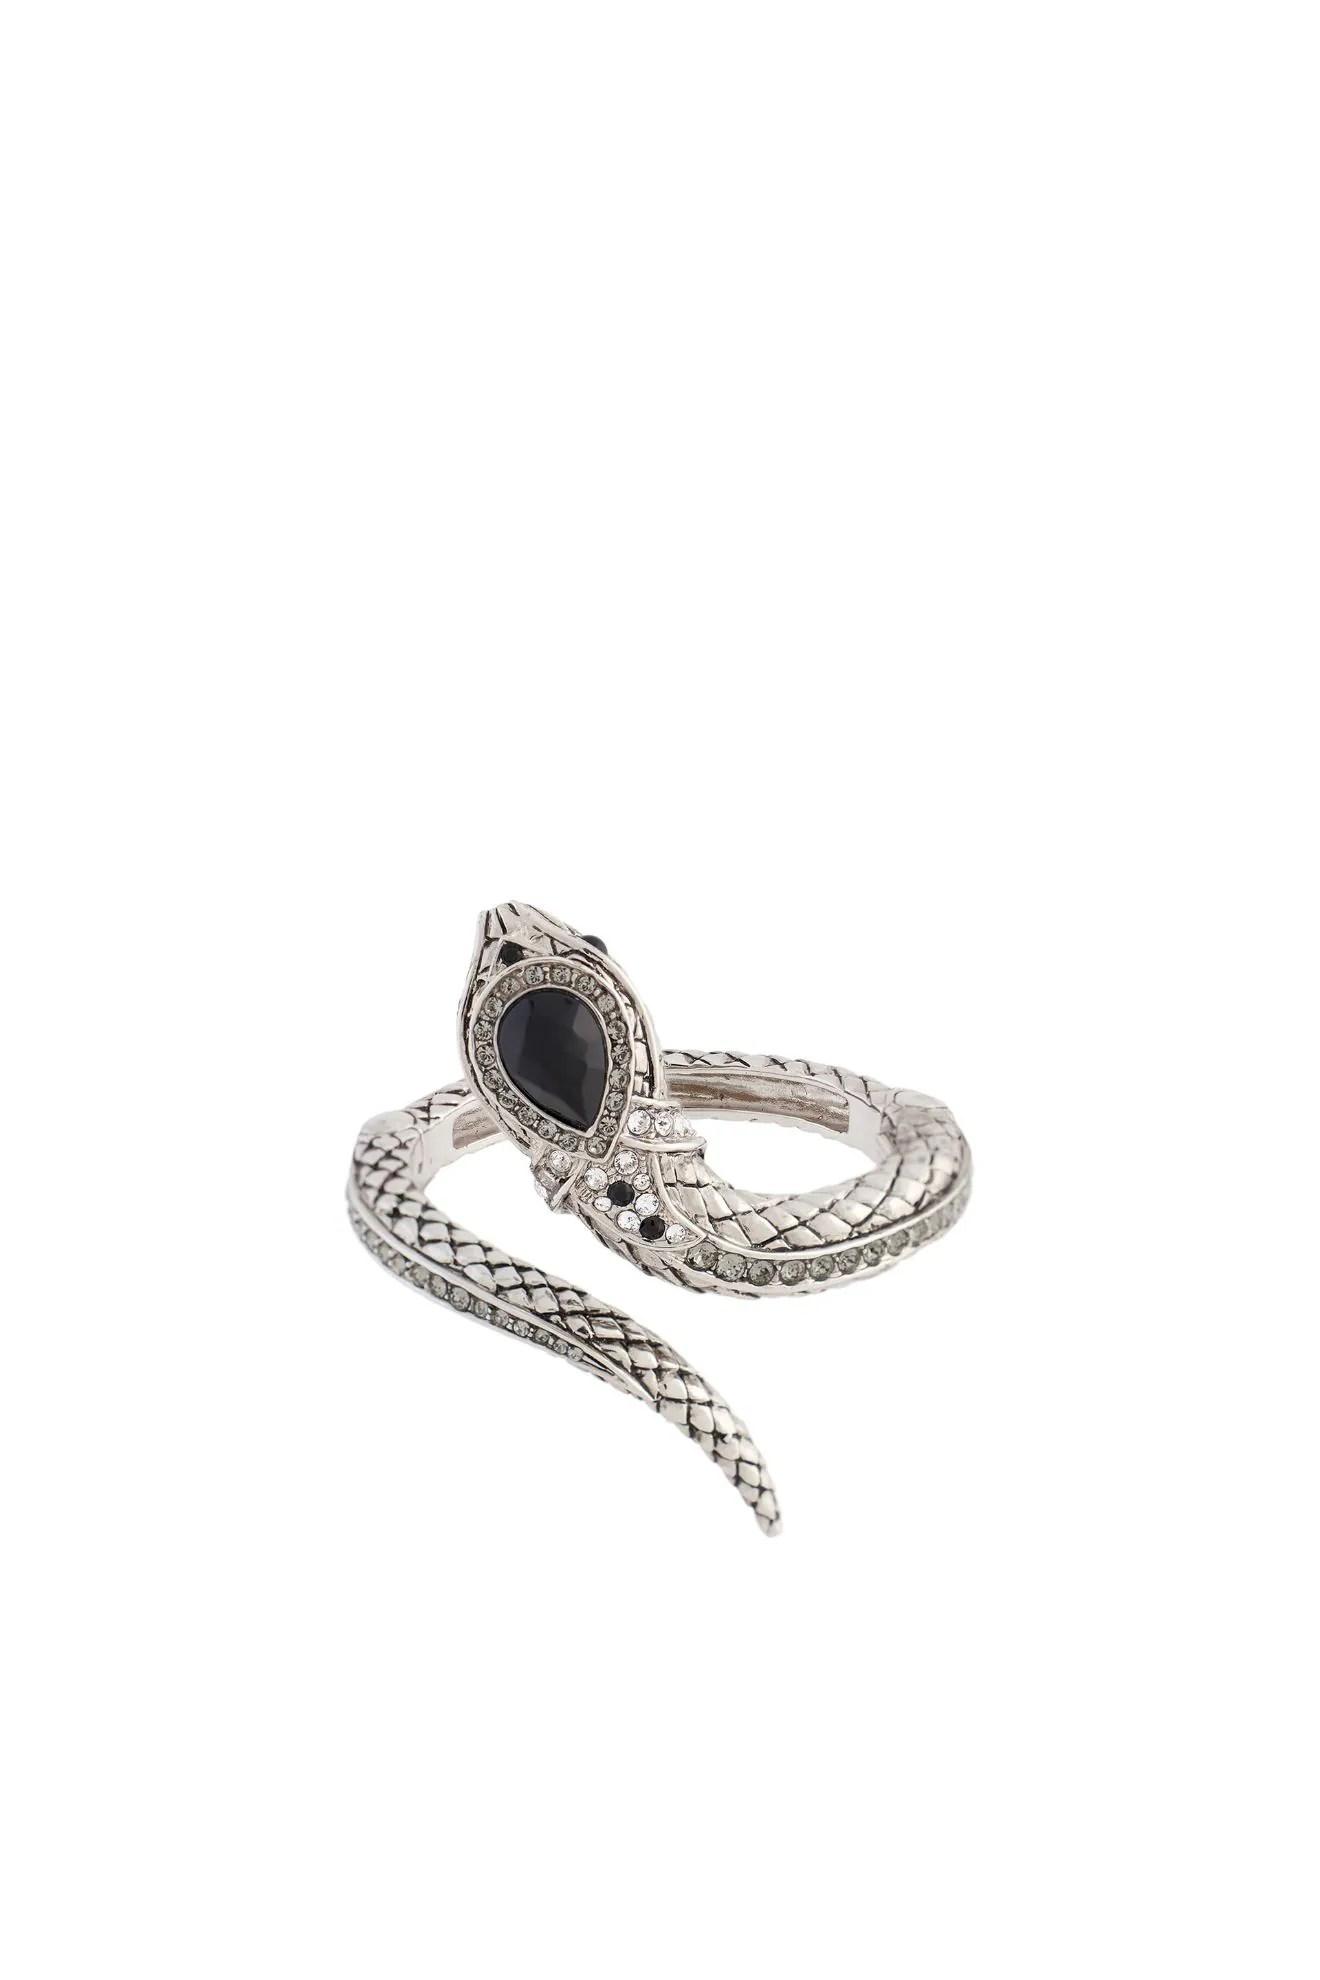 Onewish Swarovski Crystal Snake Bracelet